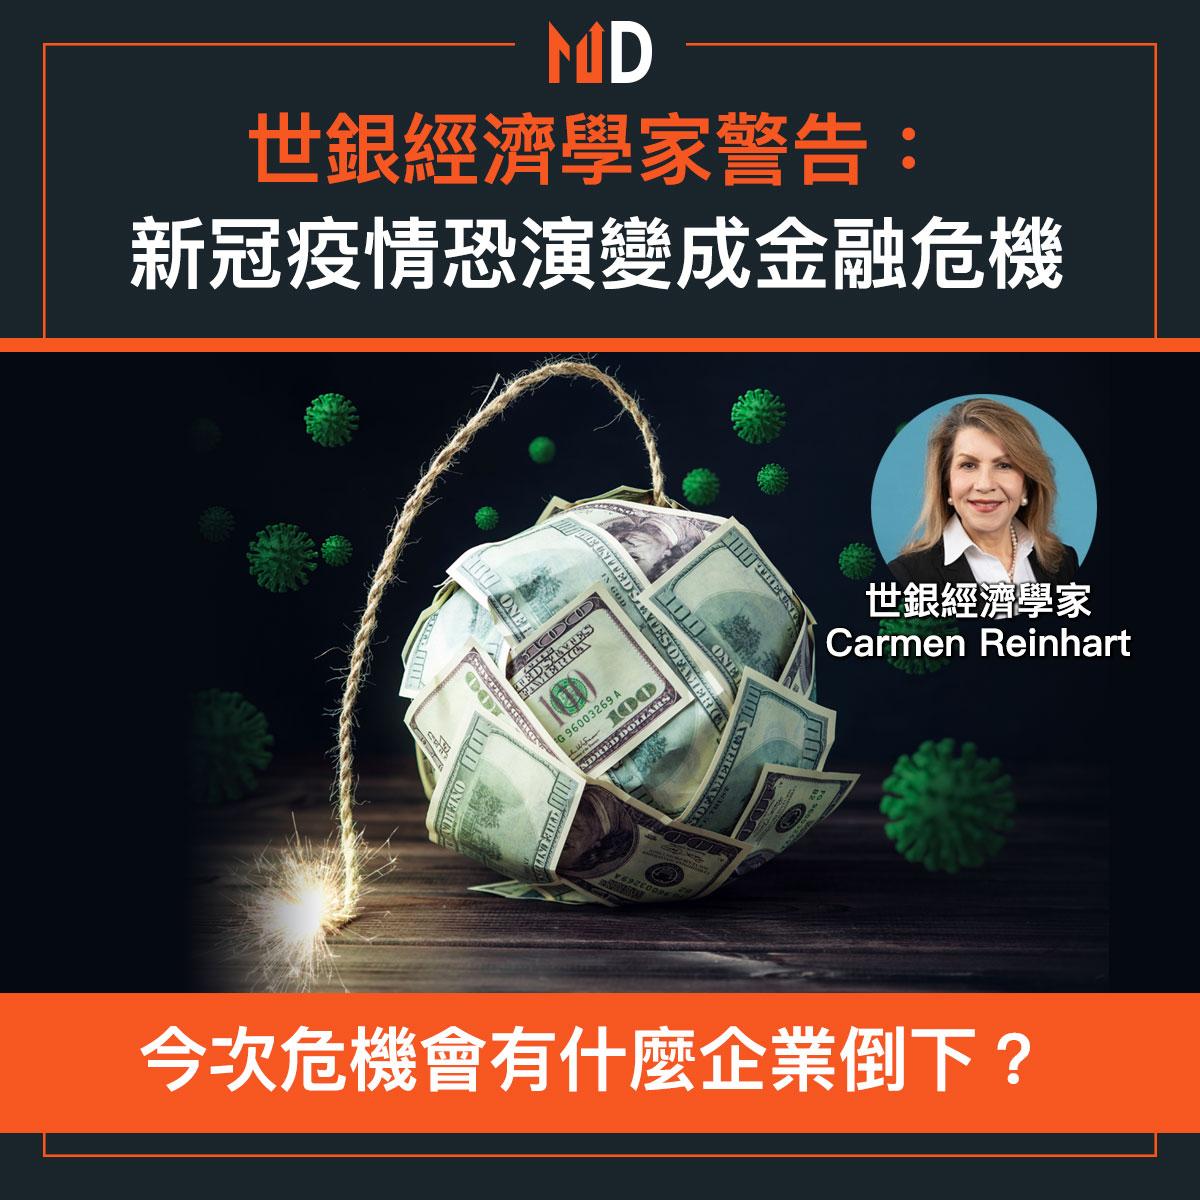 世銀經濟學家警告:疫情危機恐演變成金融危機